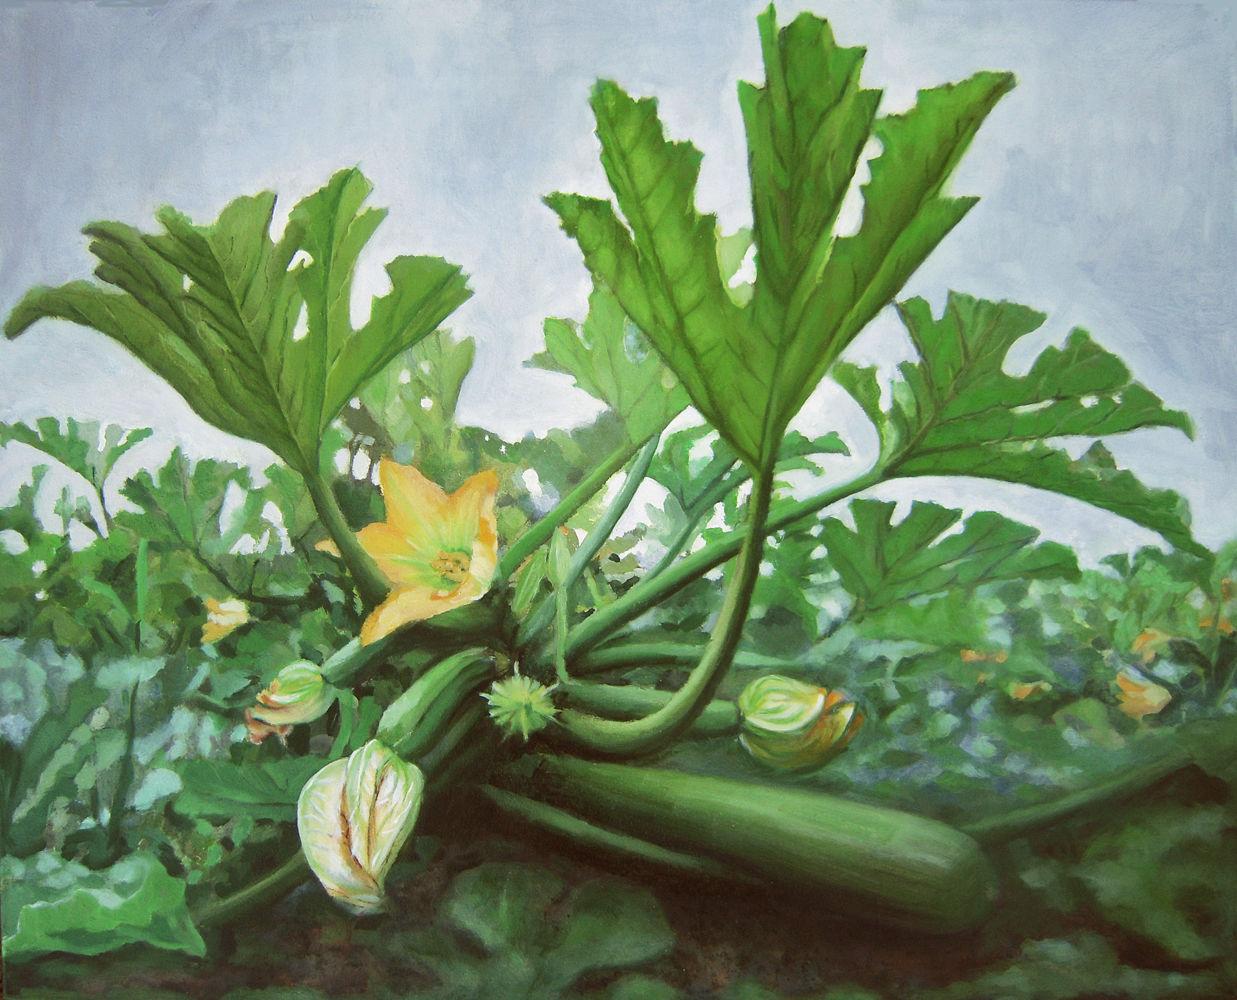 Zucchetti, 2011, Öl auf Leinwand, 76 x 95 cm